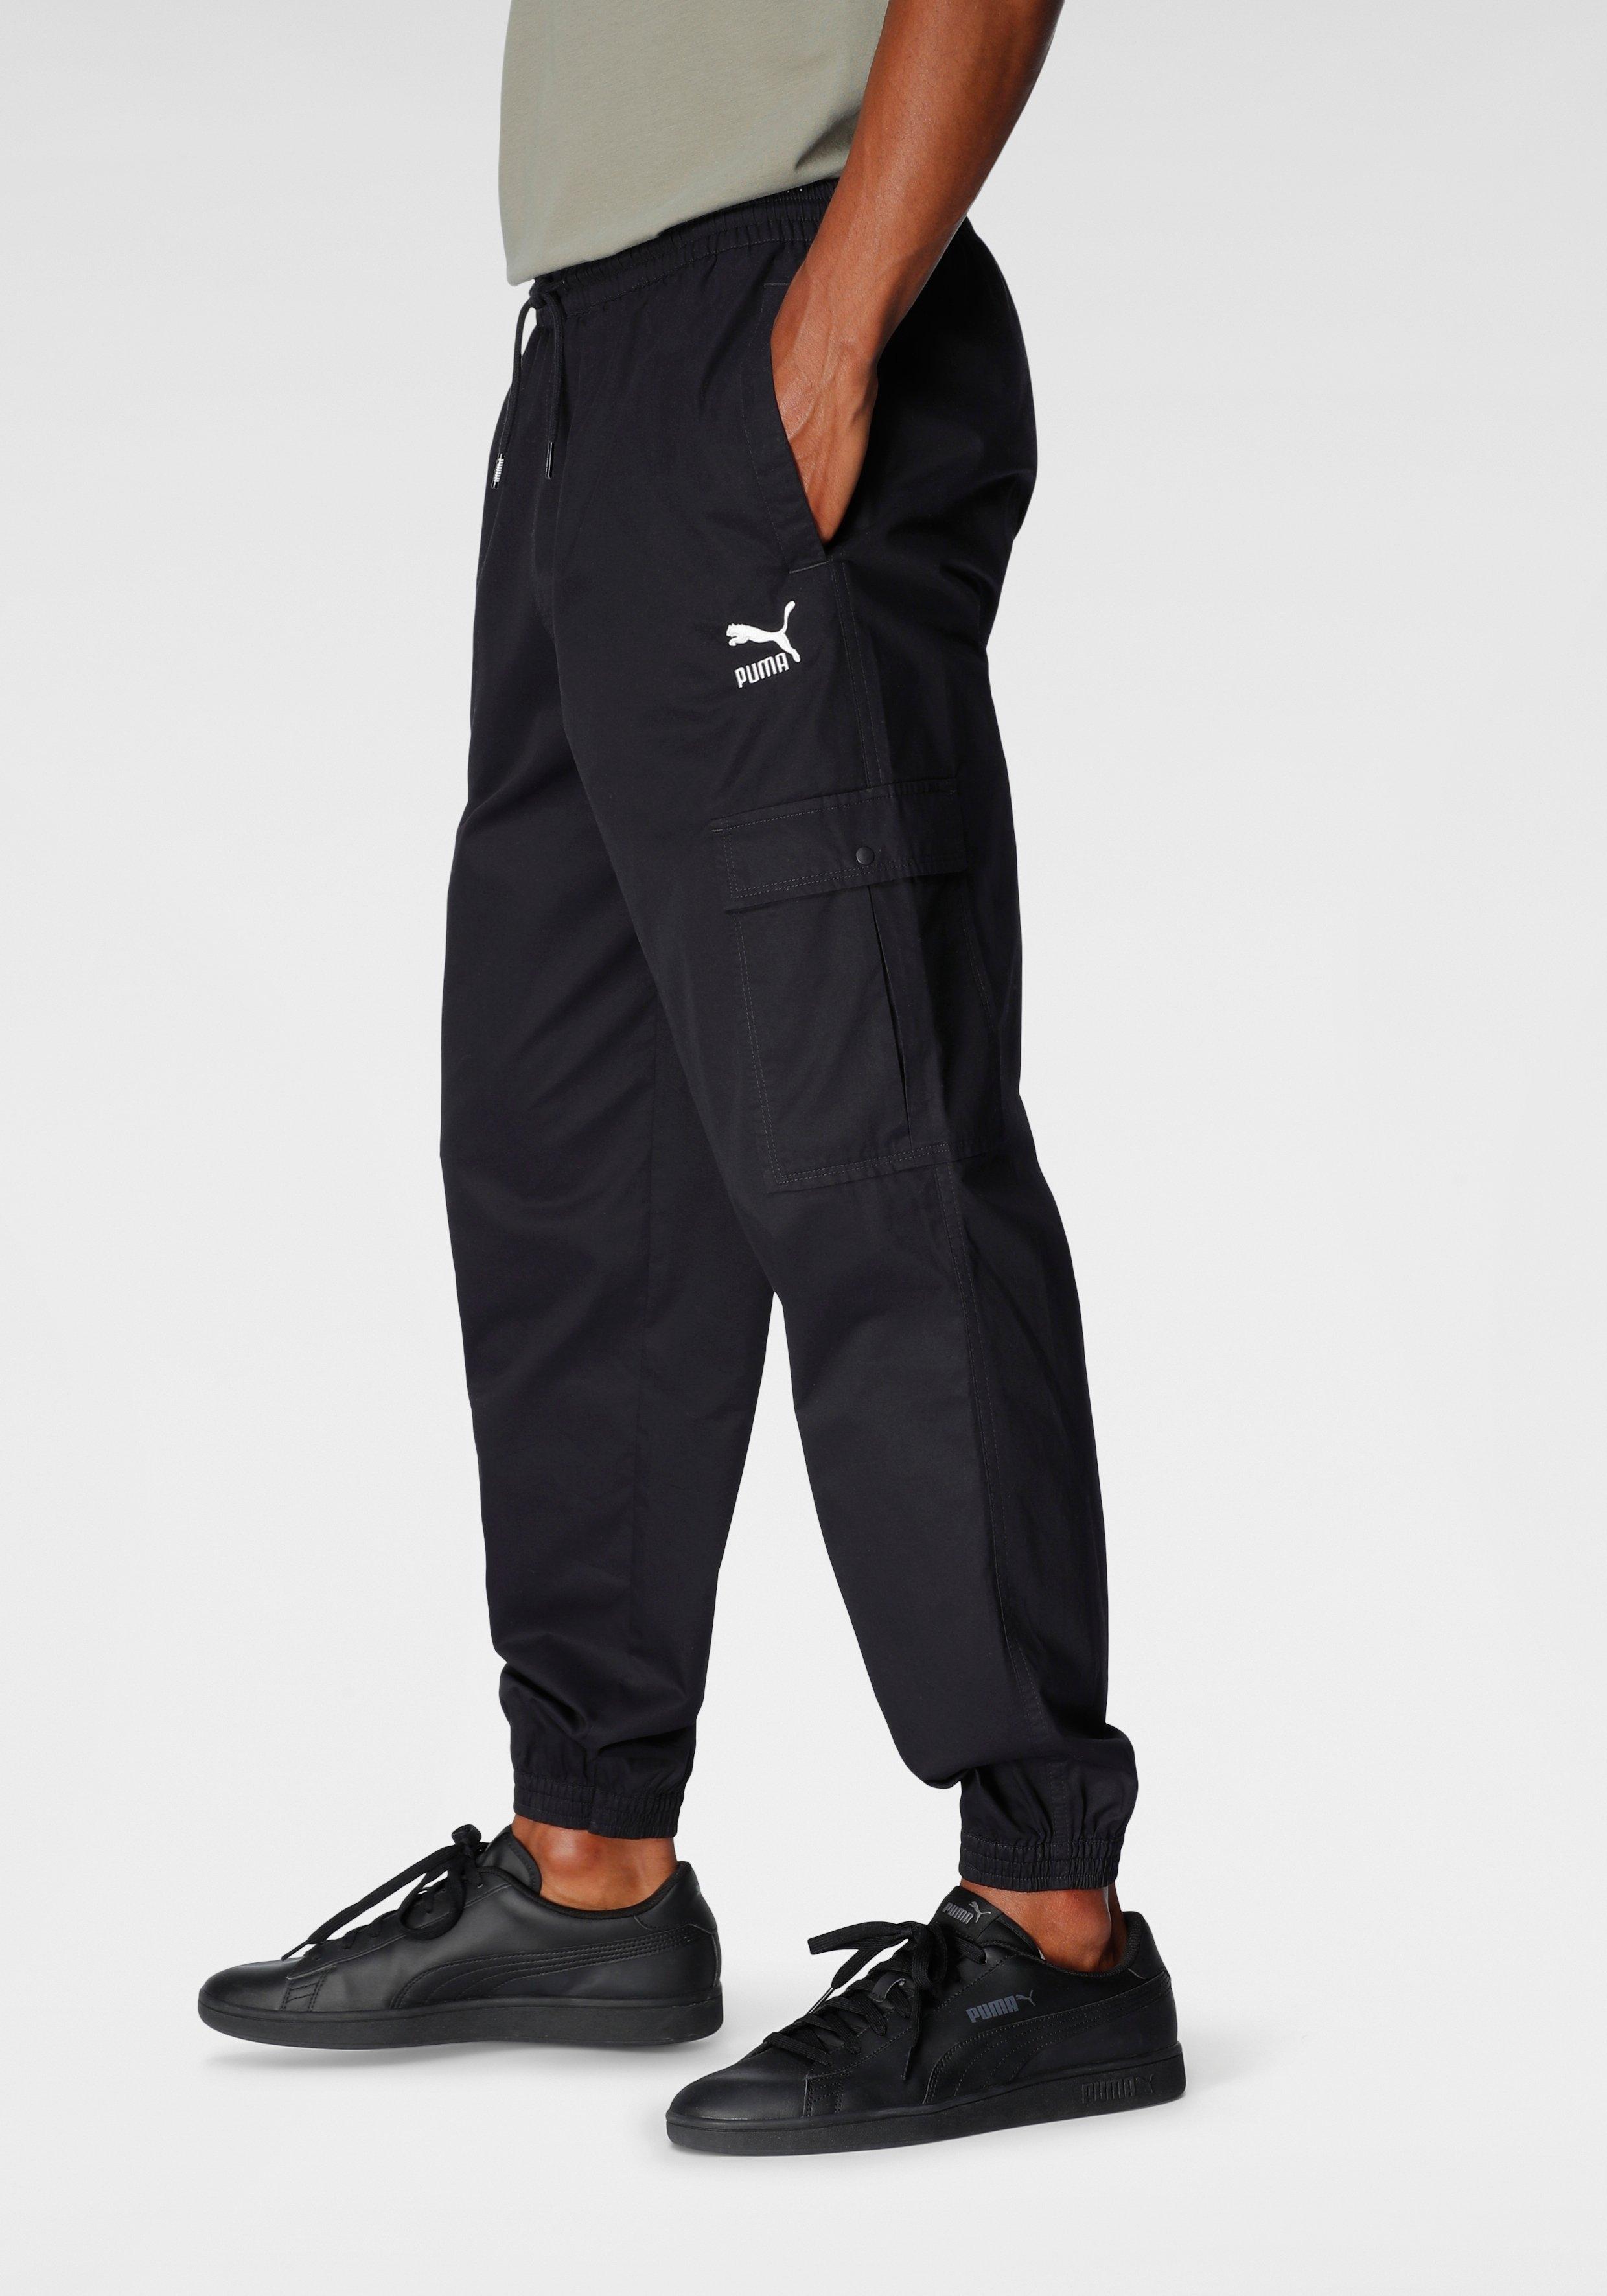 PUMA joggingbroek Classics Cotton Twill Jogger goedkoop op otto.nl kopen